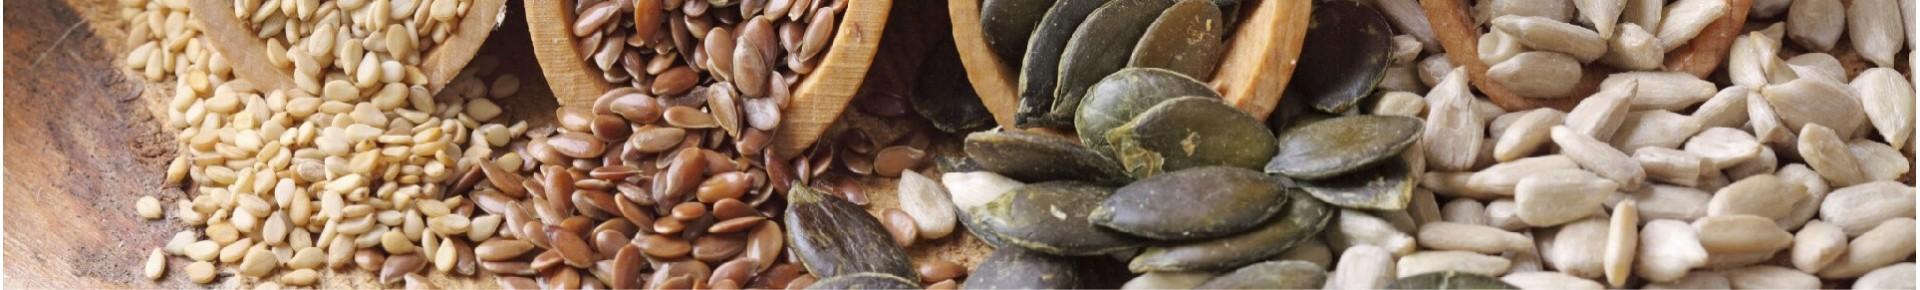 Mascarillas de jabón artesanales fabricadas a base de semillas